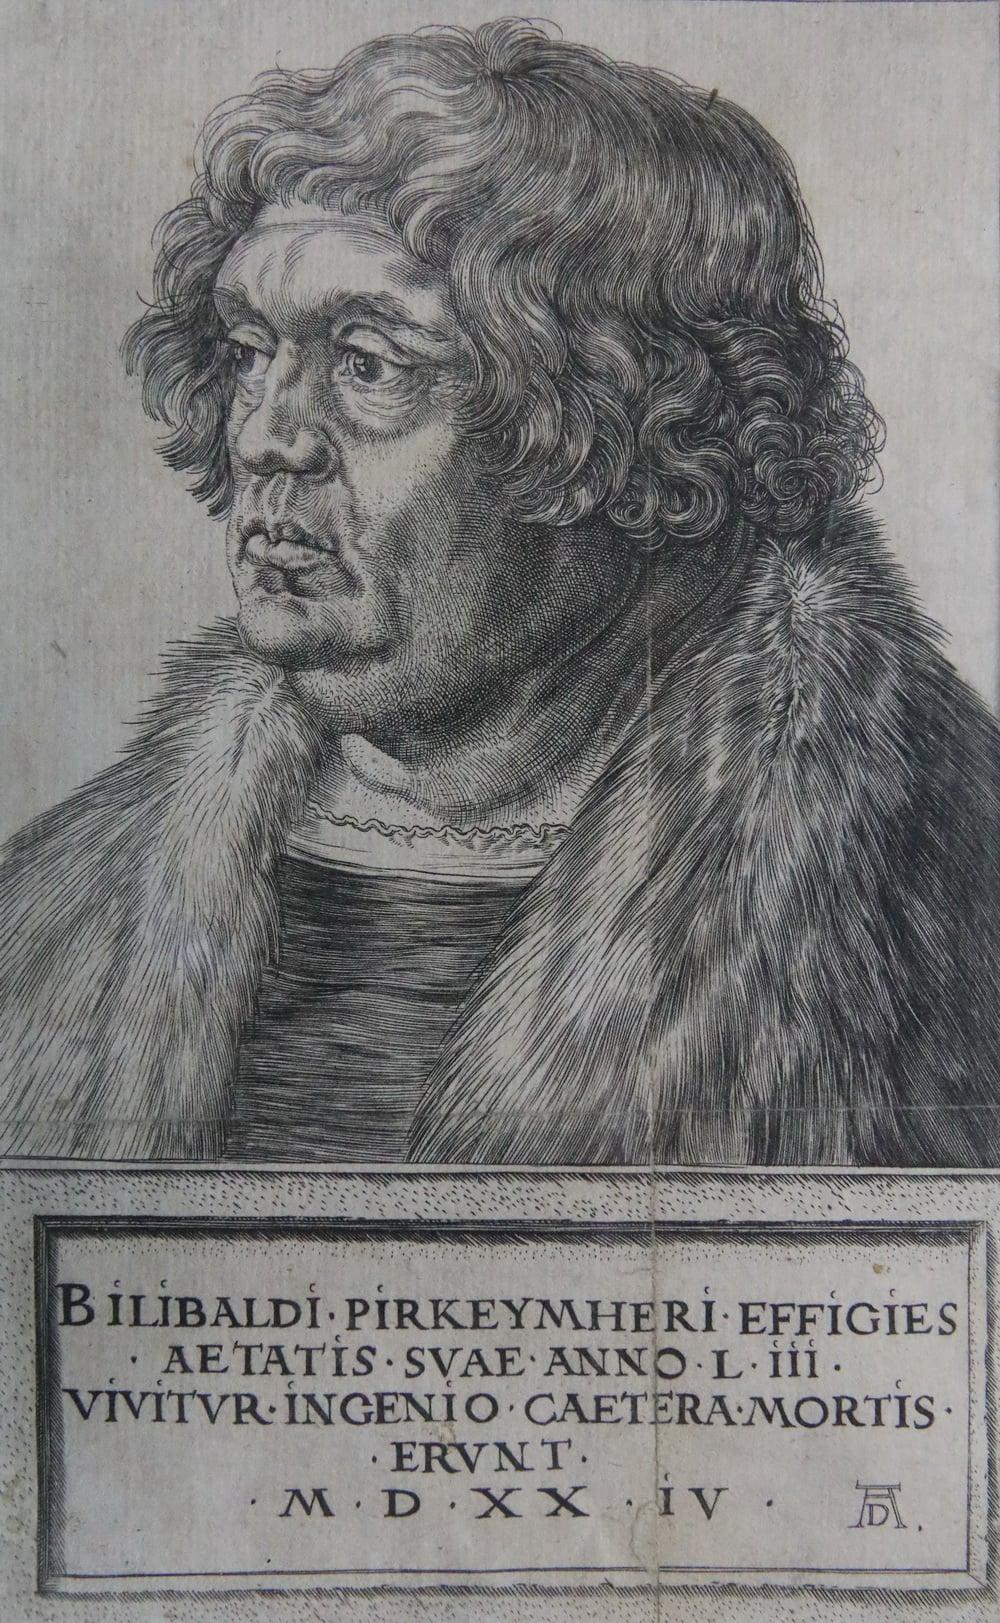 Портрет Віллібальда Піркхеймера